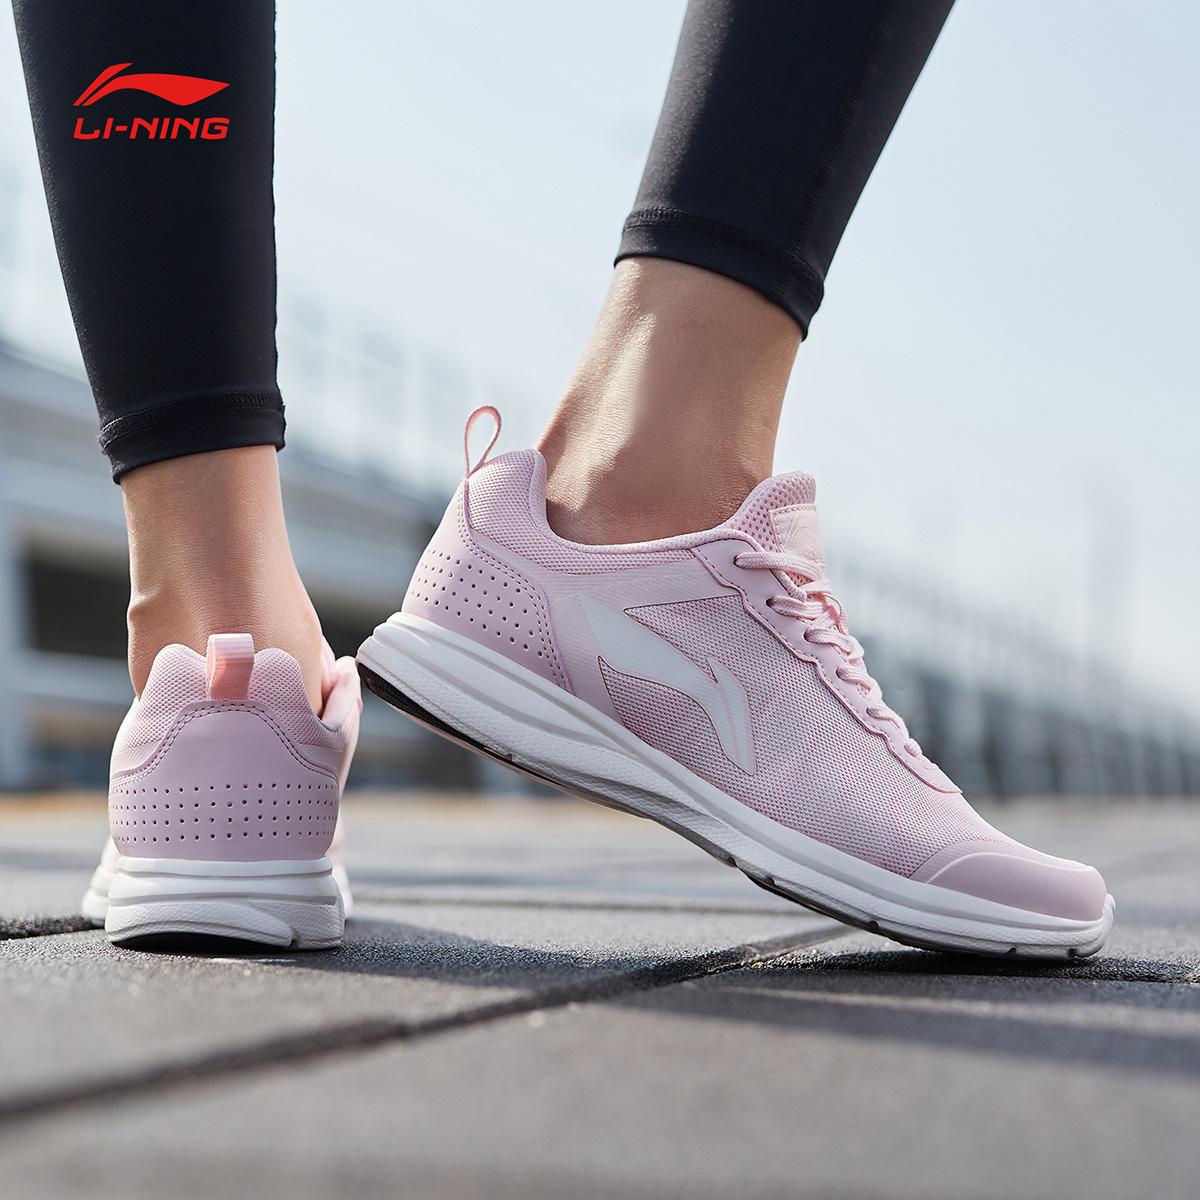 李宁跑步鞋女鞋新款轻质轻便耐磨防滑秋冬季运动鞋ARBM078